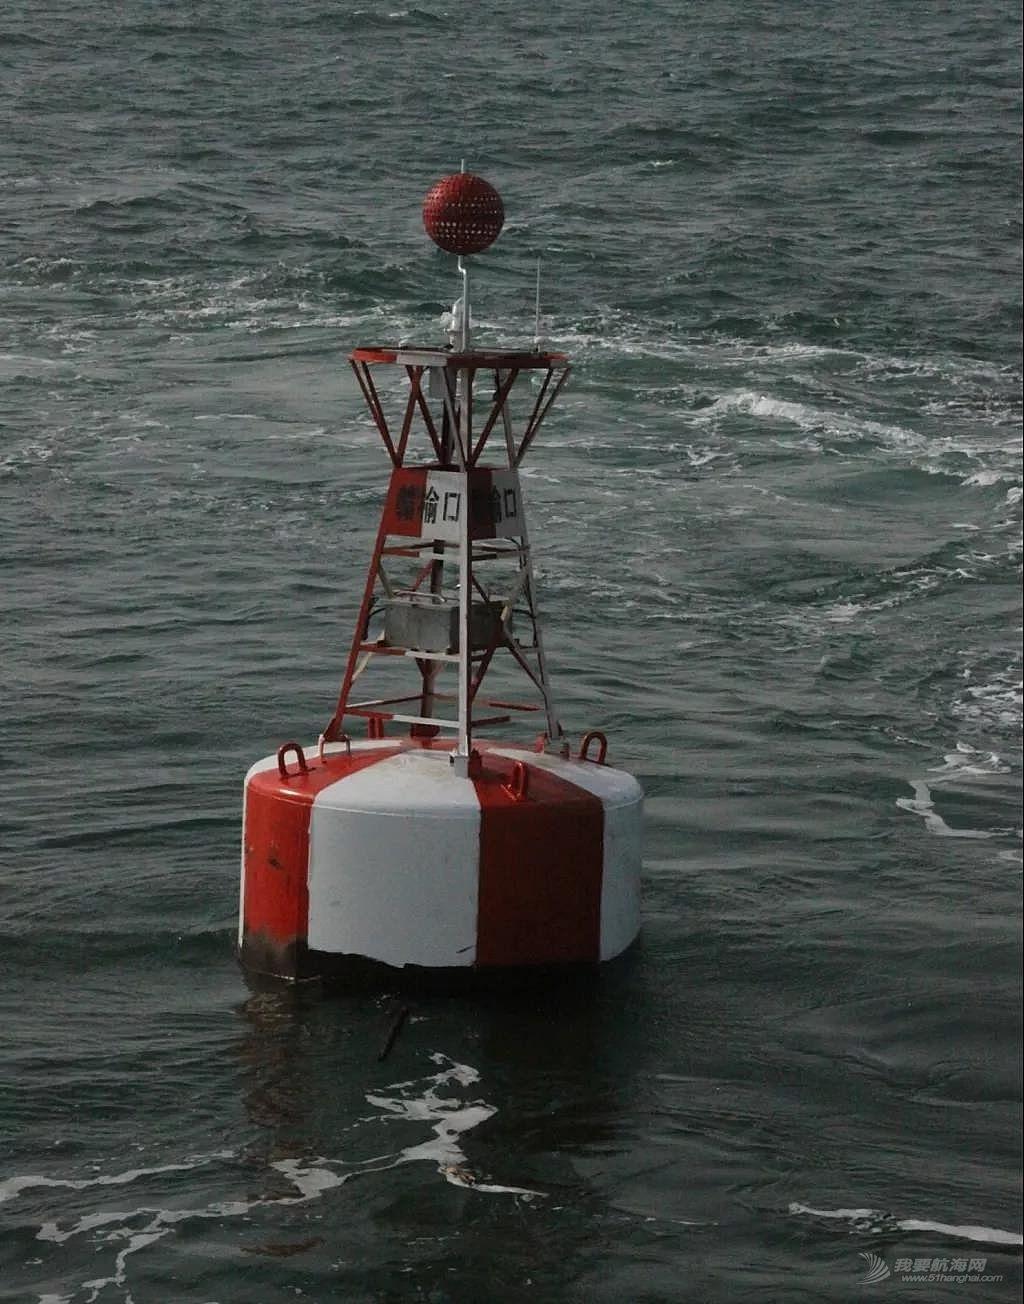 【科普】这些水上助航标志,你能够认出多少?